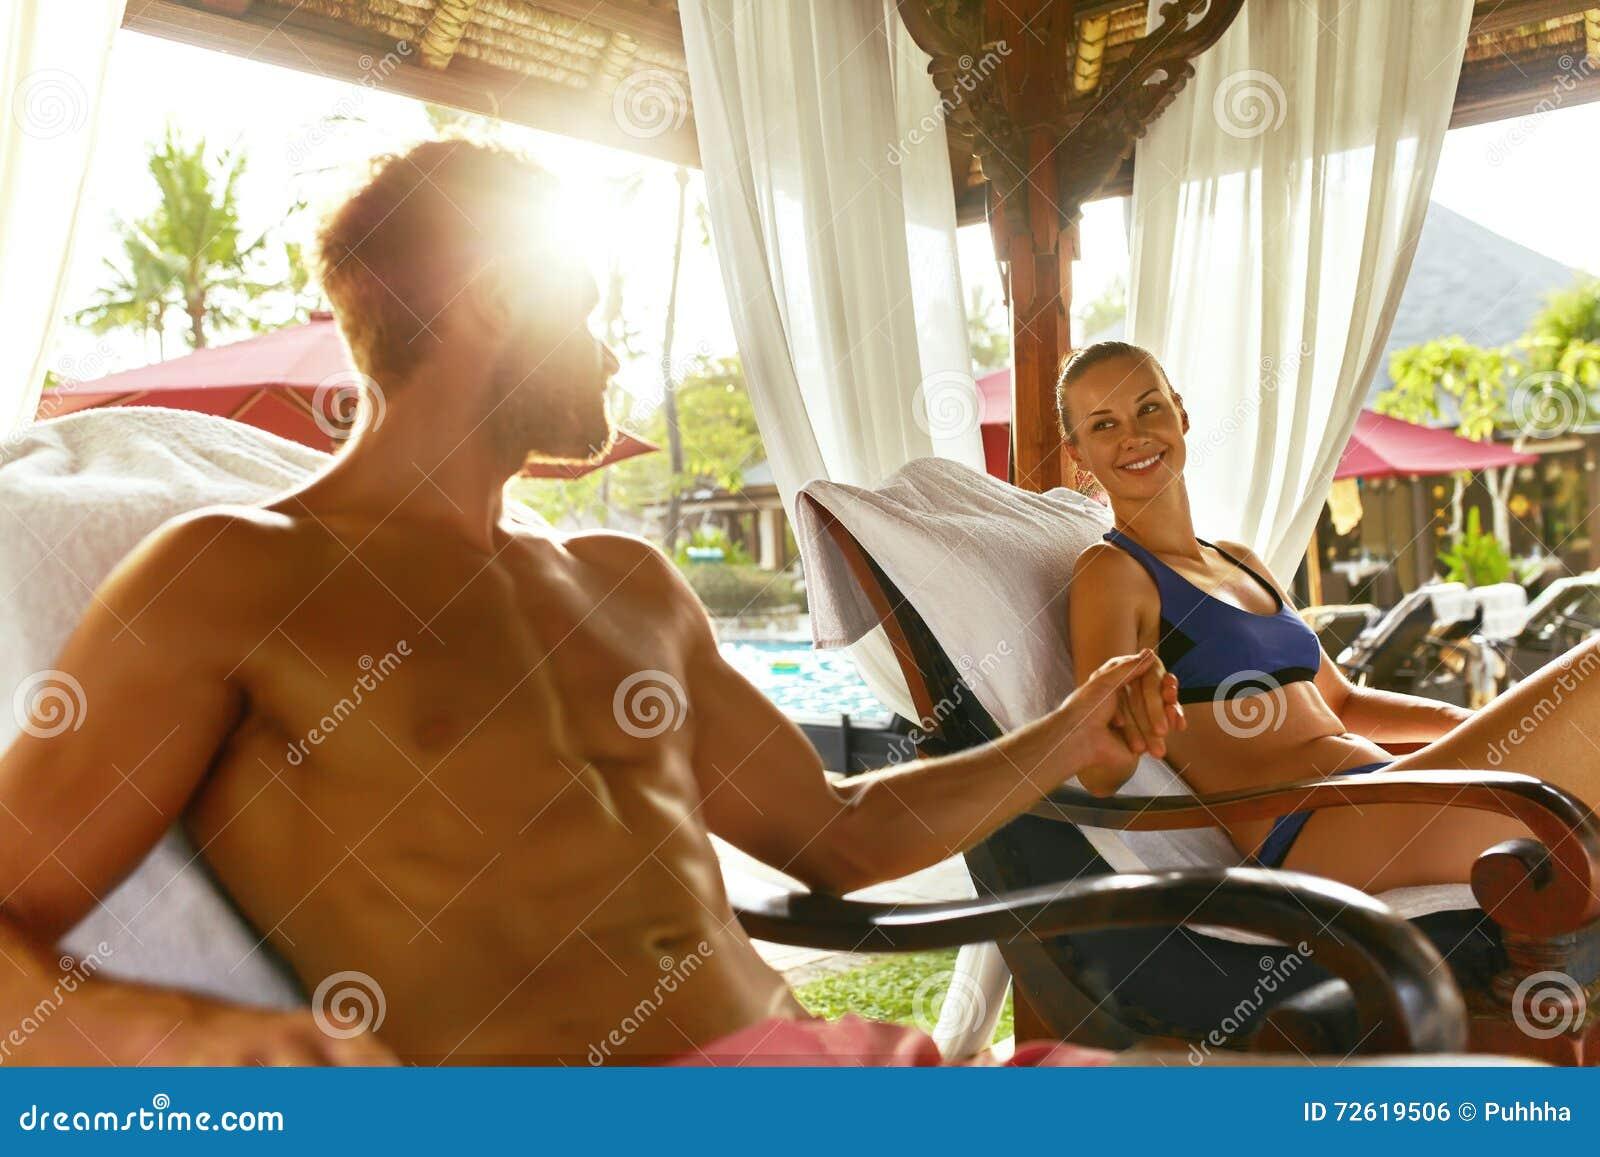 Pares românticos no amor no spa resort em férias relacionamentos